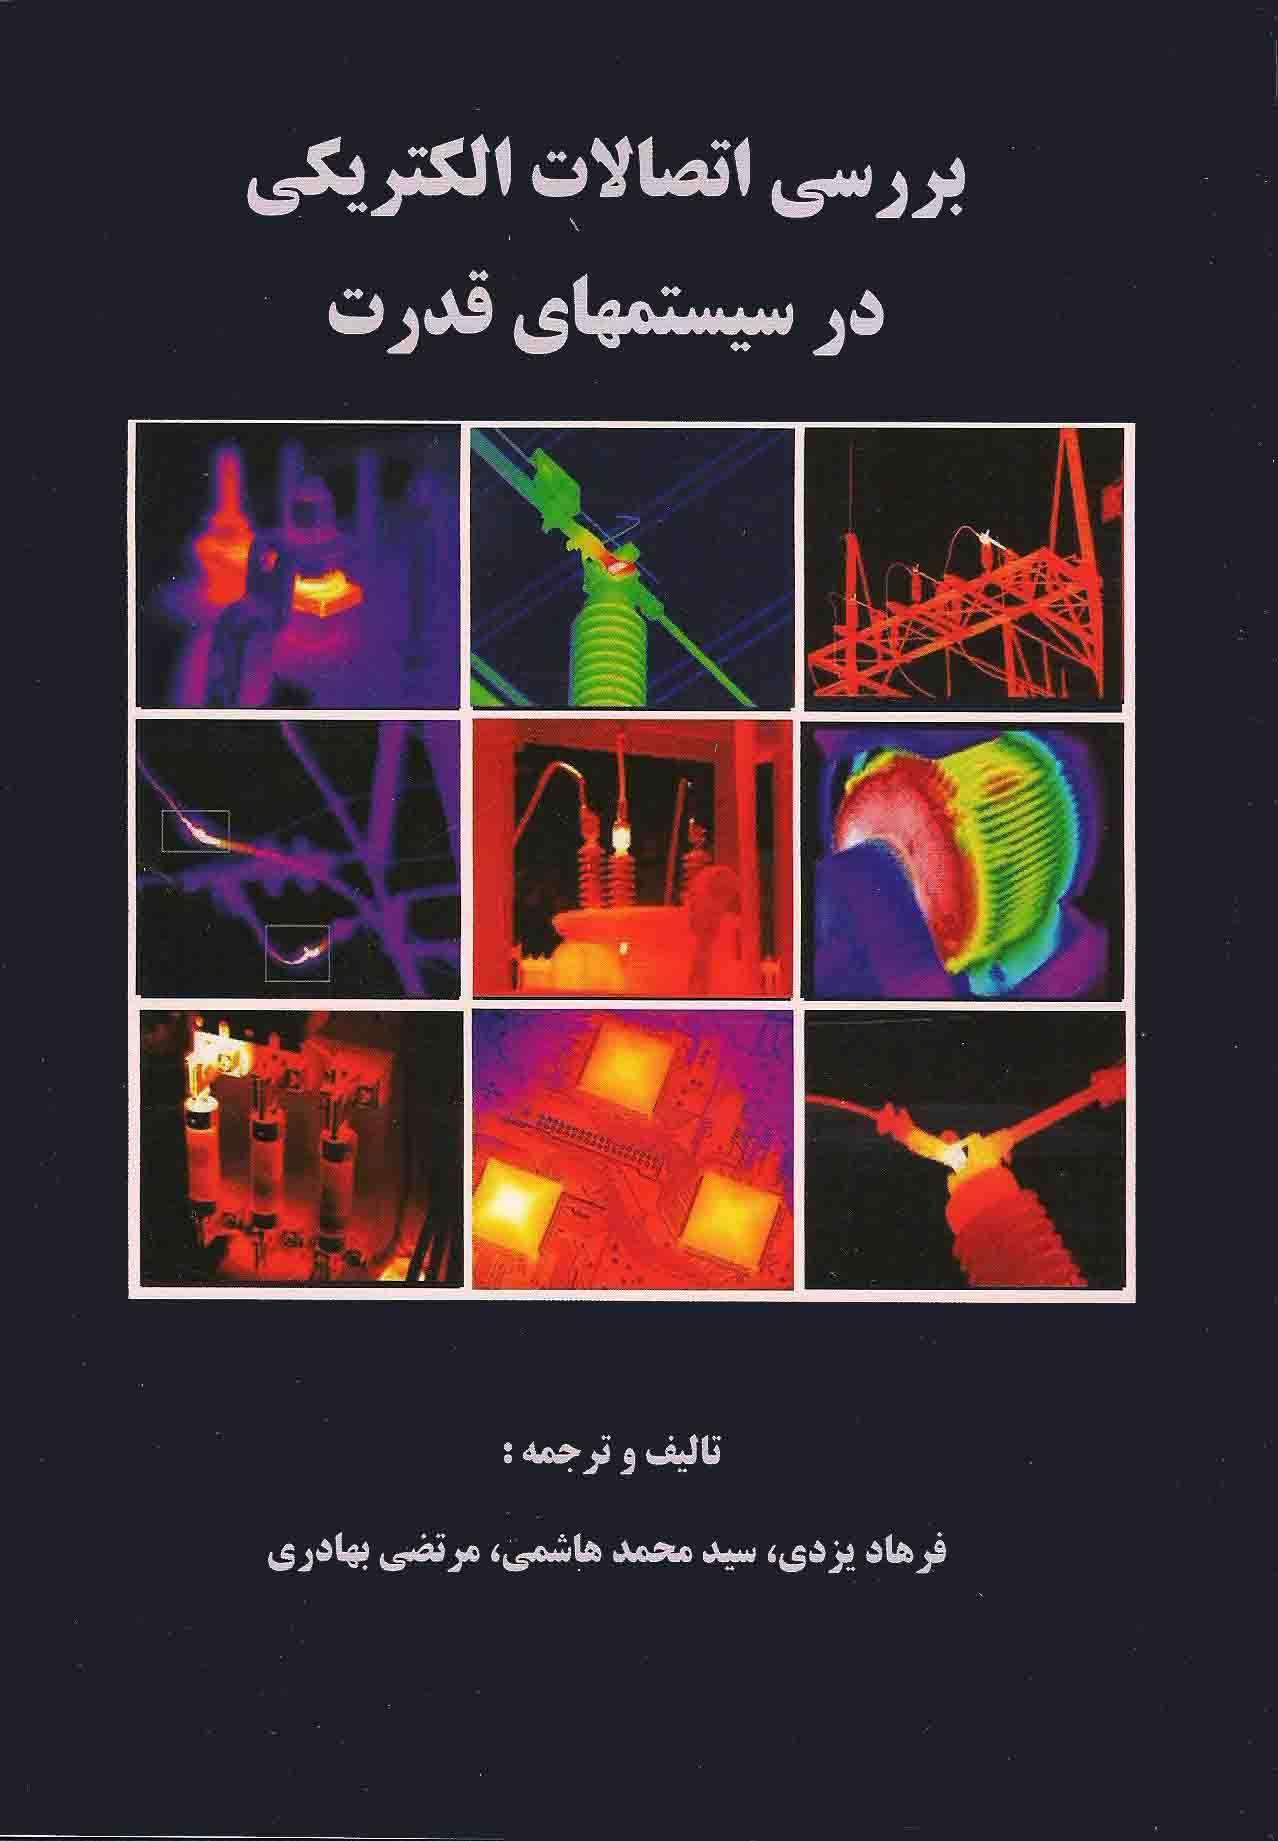 کتاب «بررسی اتصالات الکتریکی در سیستمهای قدرت» چاپ شد!